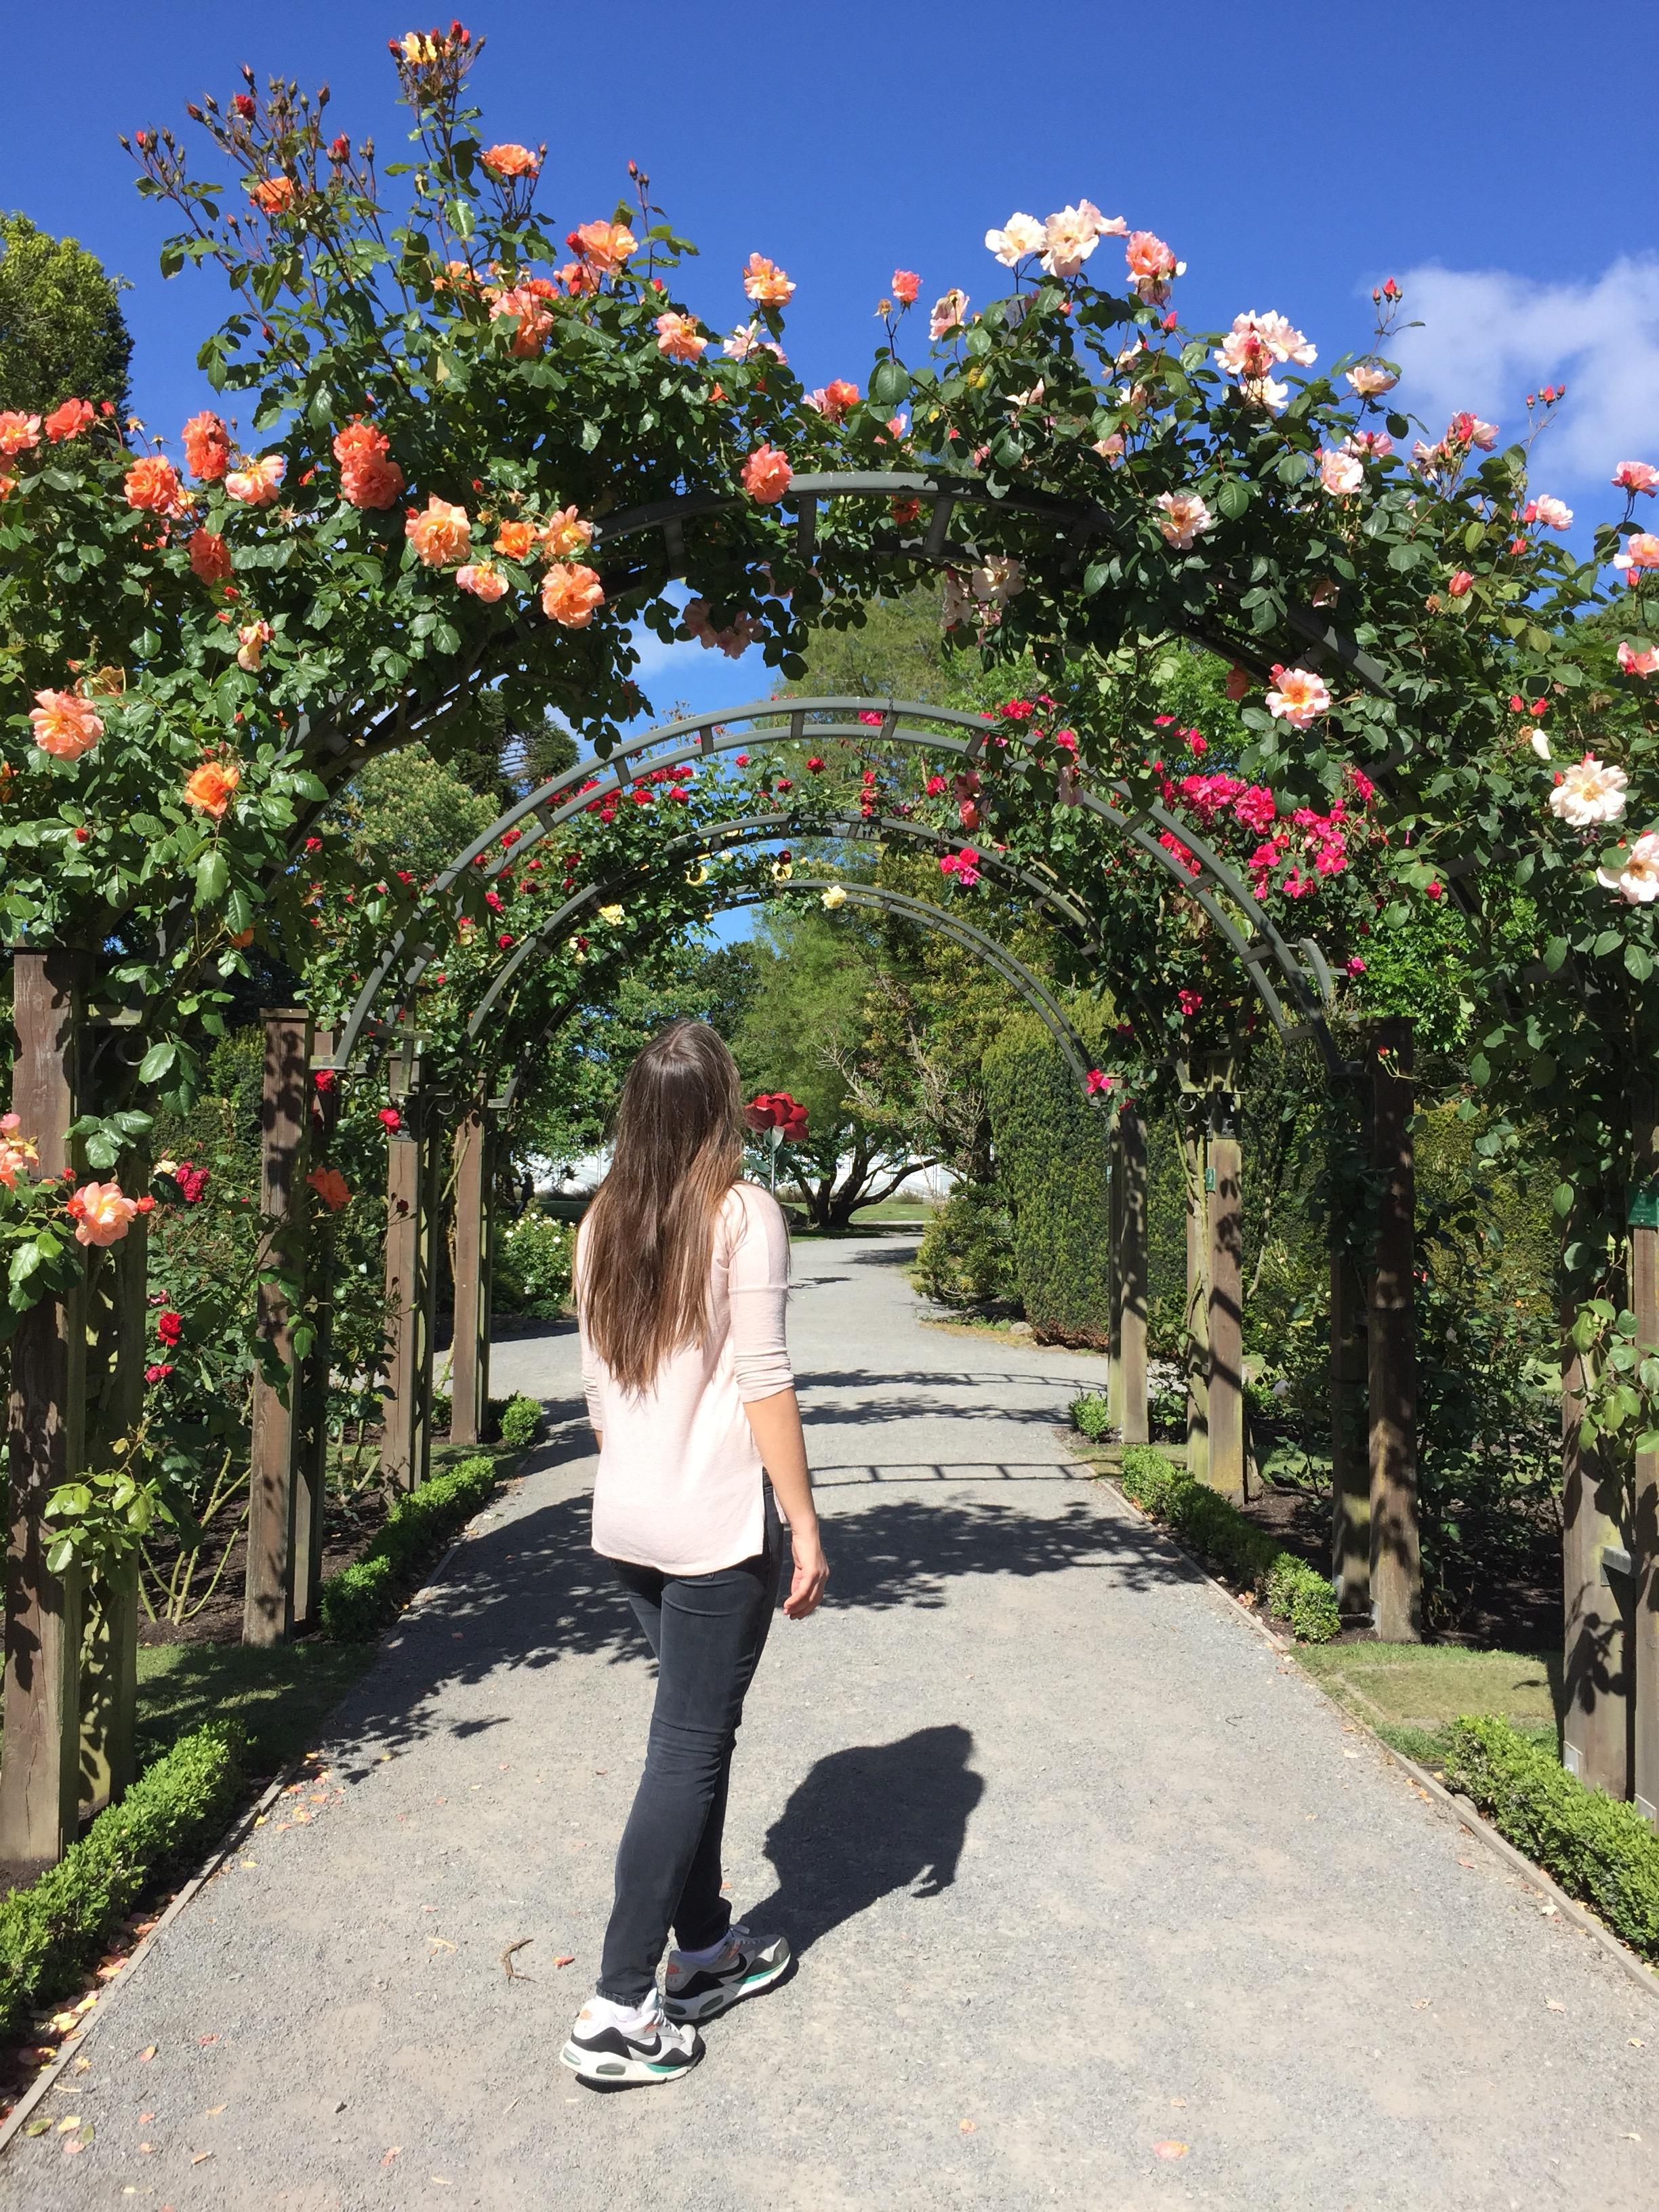 Der wunderschöne Rosengarten im Hagley Park